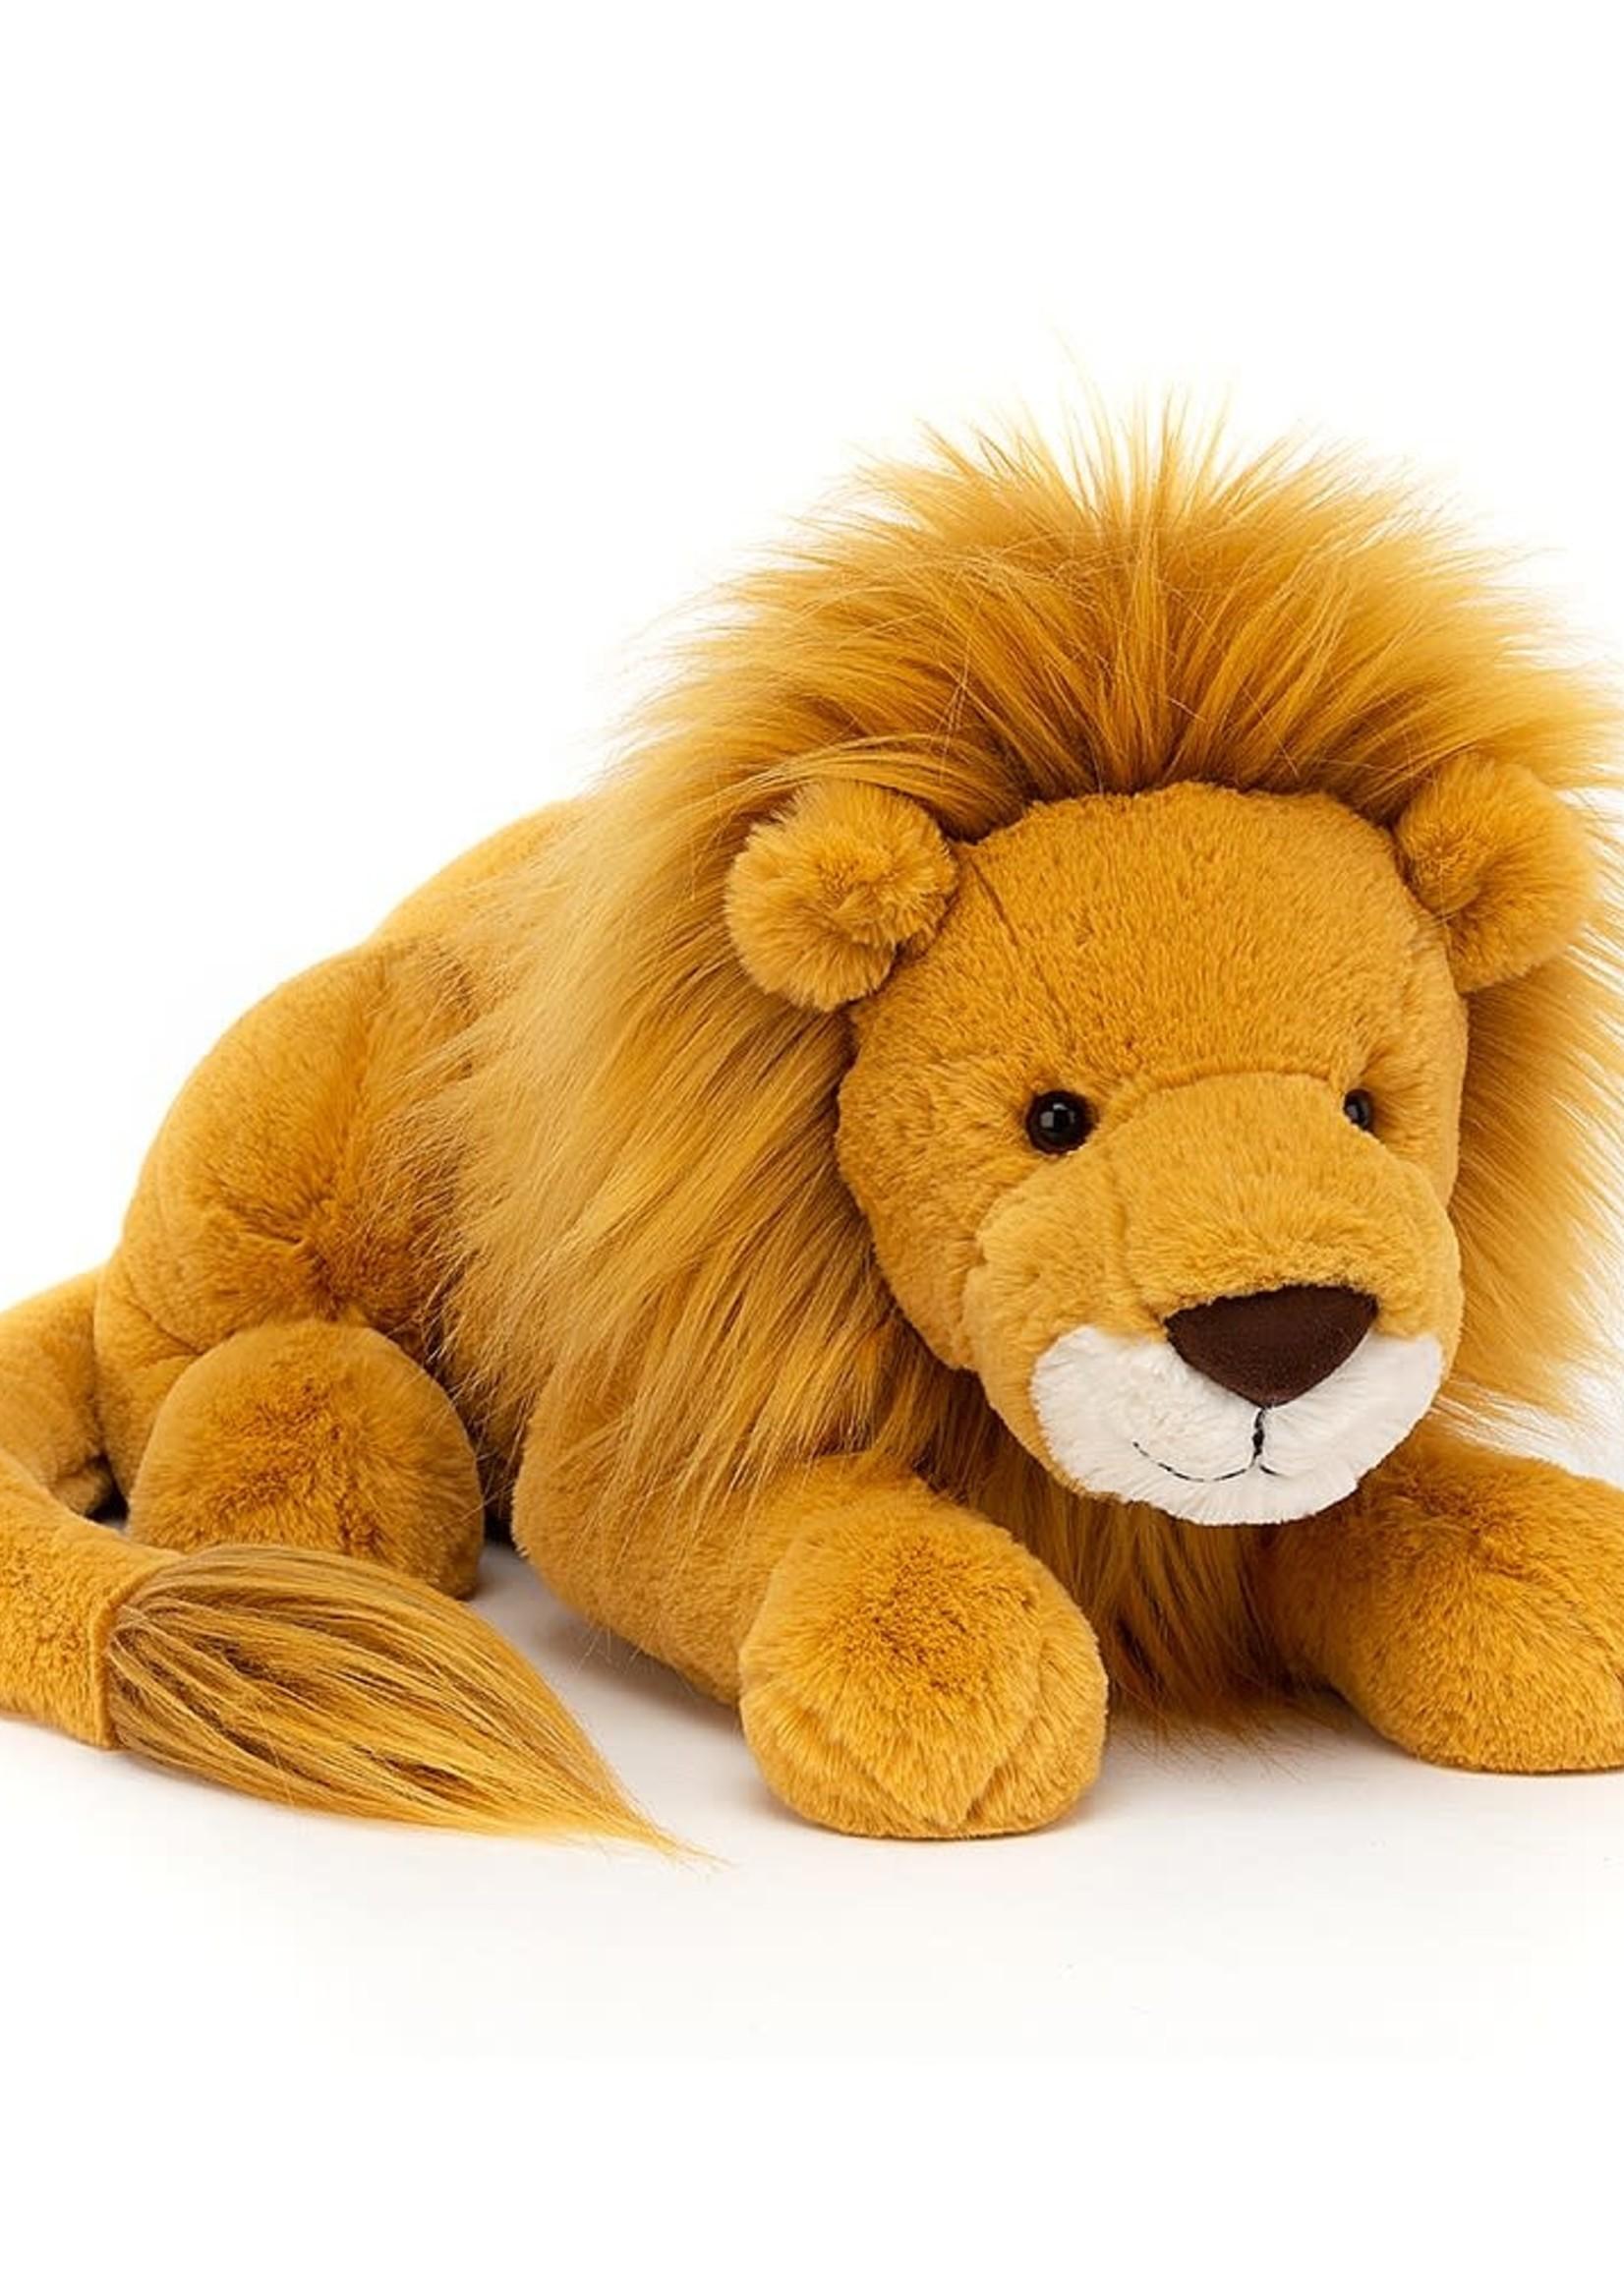 JELLYCAT JELLYCAT LOUIE LION LITTLE